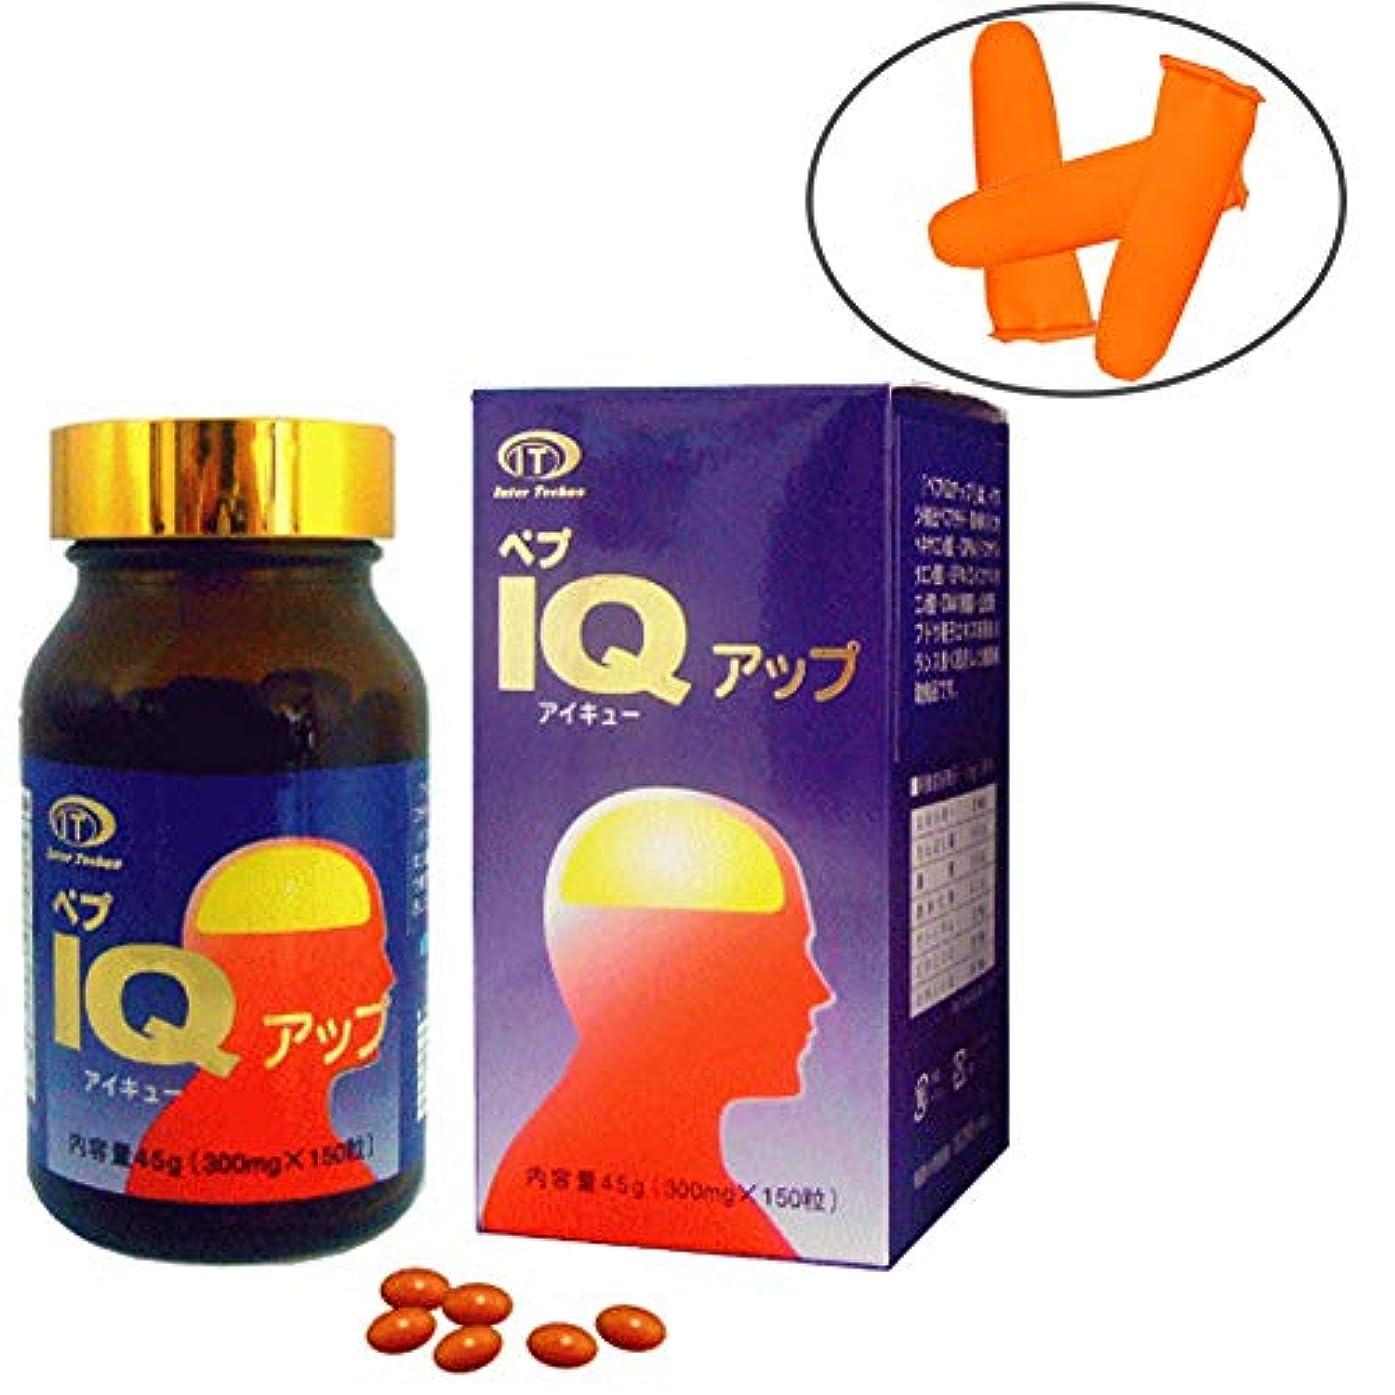 バング電卓繁殖疲労回復 サプリメント dha epa サプリメント 健脳食品 150粒 30日分 DHA 認知症防止 体内から健康に やる気出る オリジナルプレゼント付